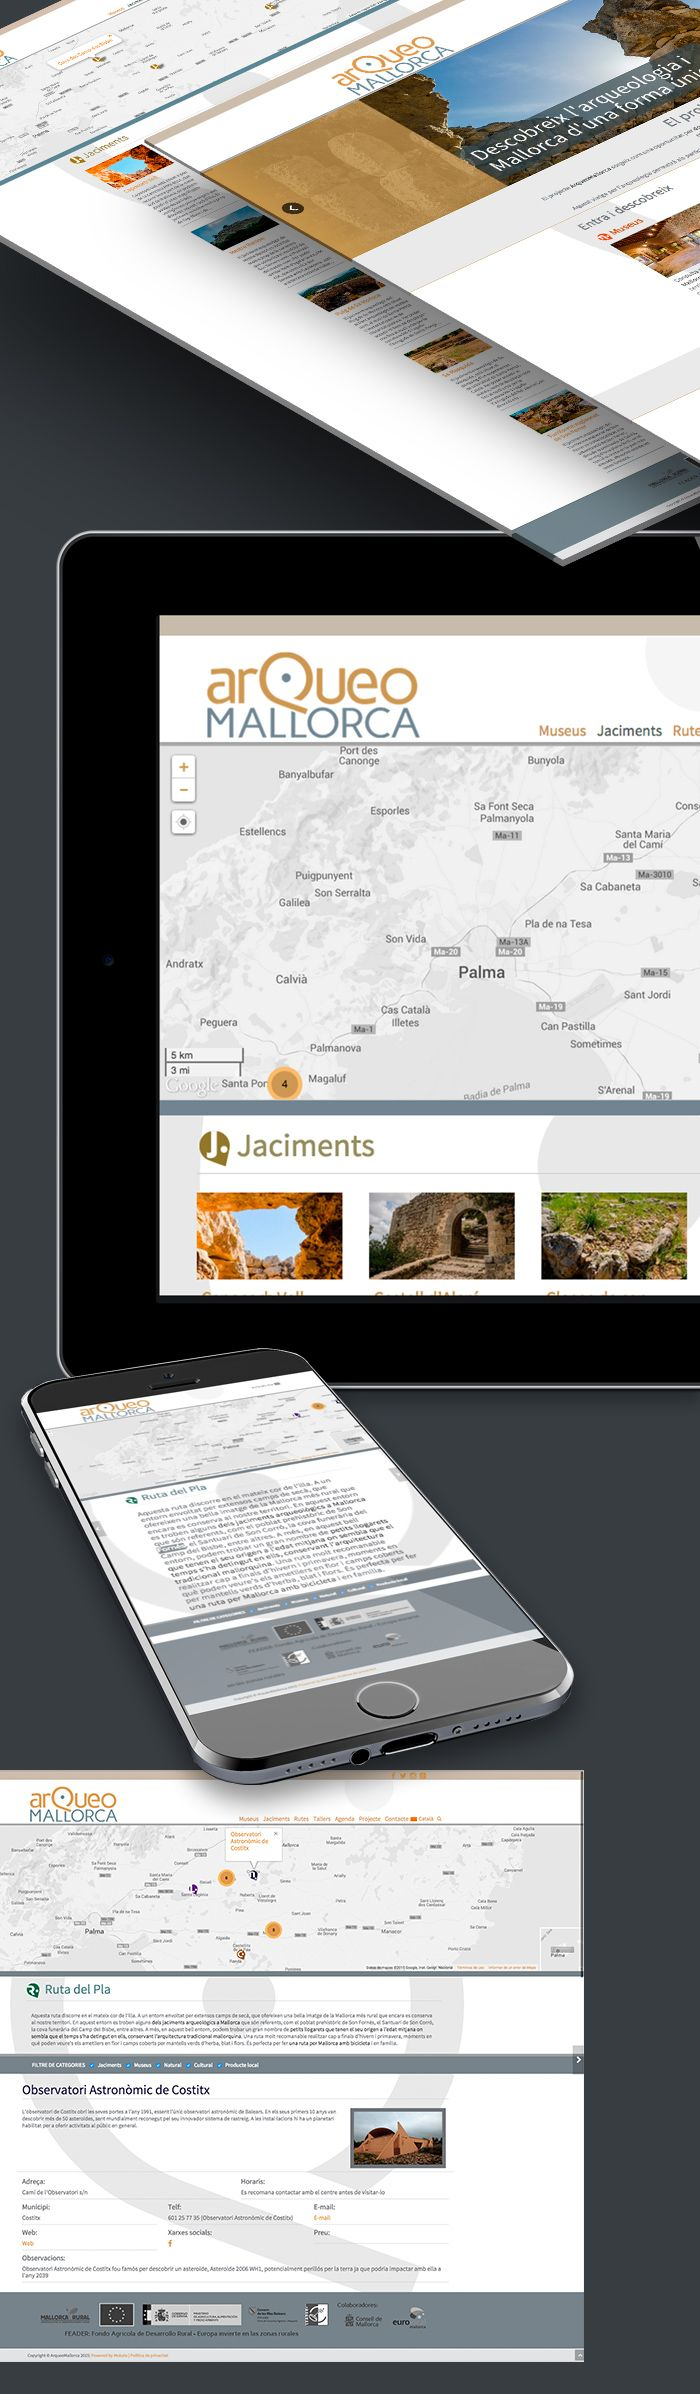 Cliente: ArqueoMallorca  Desarrollo: Desarrollo Web en WordPress Integración con API de Google Maps Desarrollo de dos plugins para Geolocalización de puntos referenciados en el mapa Creación de plantillas para diversos portfolios como Museos, Yacimientos y Rutas. Creación de Plugin de ubicación de rutas GeoTuristicas.  y responsive y multidioma (Ingles, español y catalán)